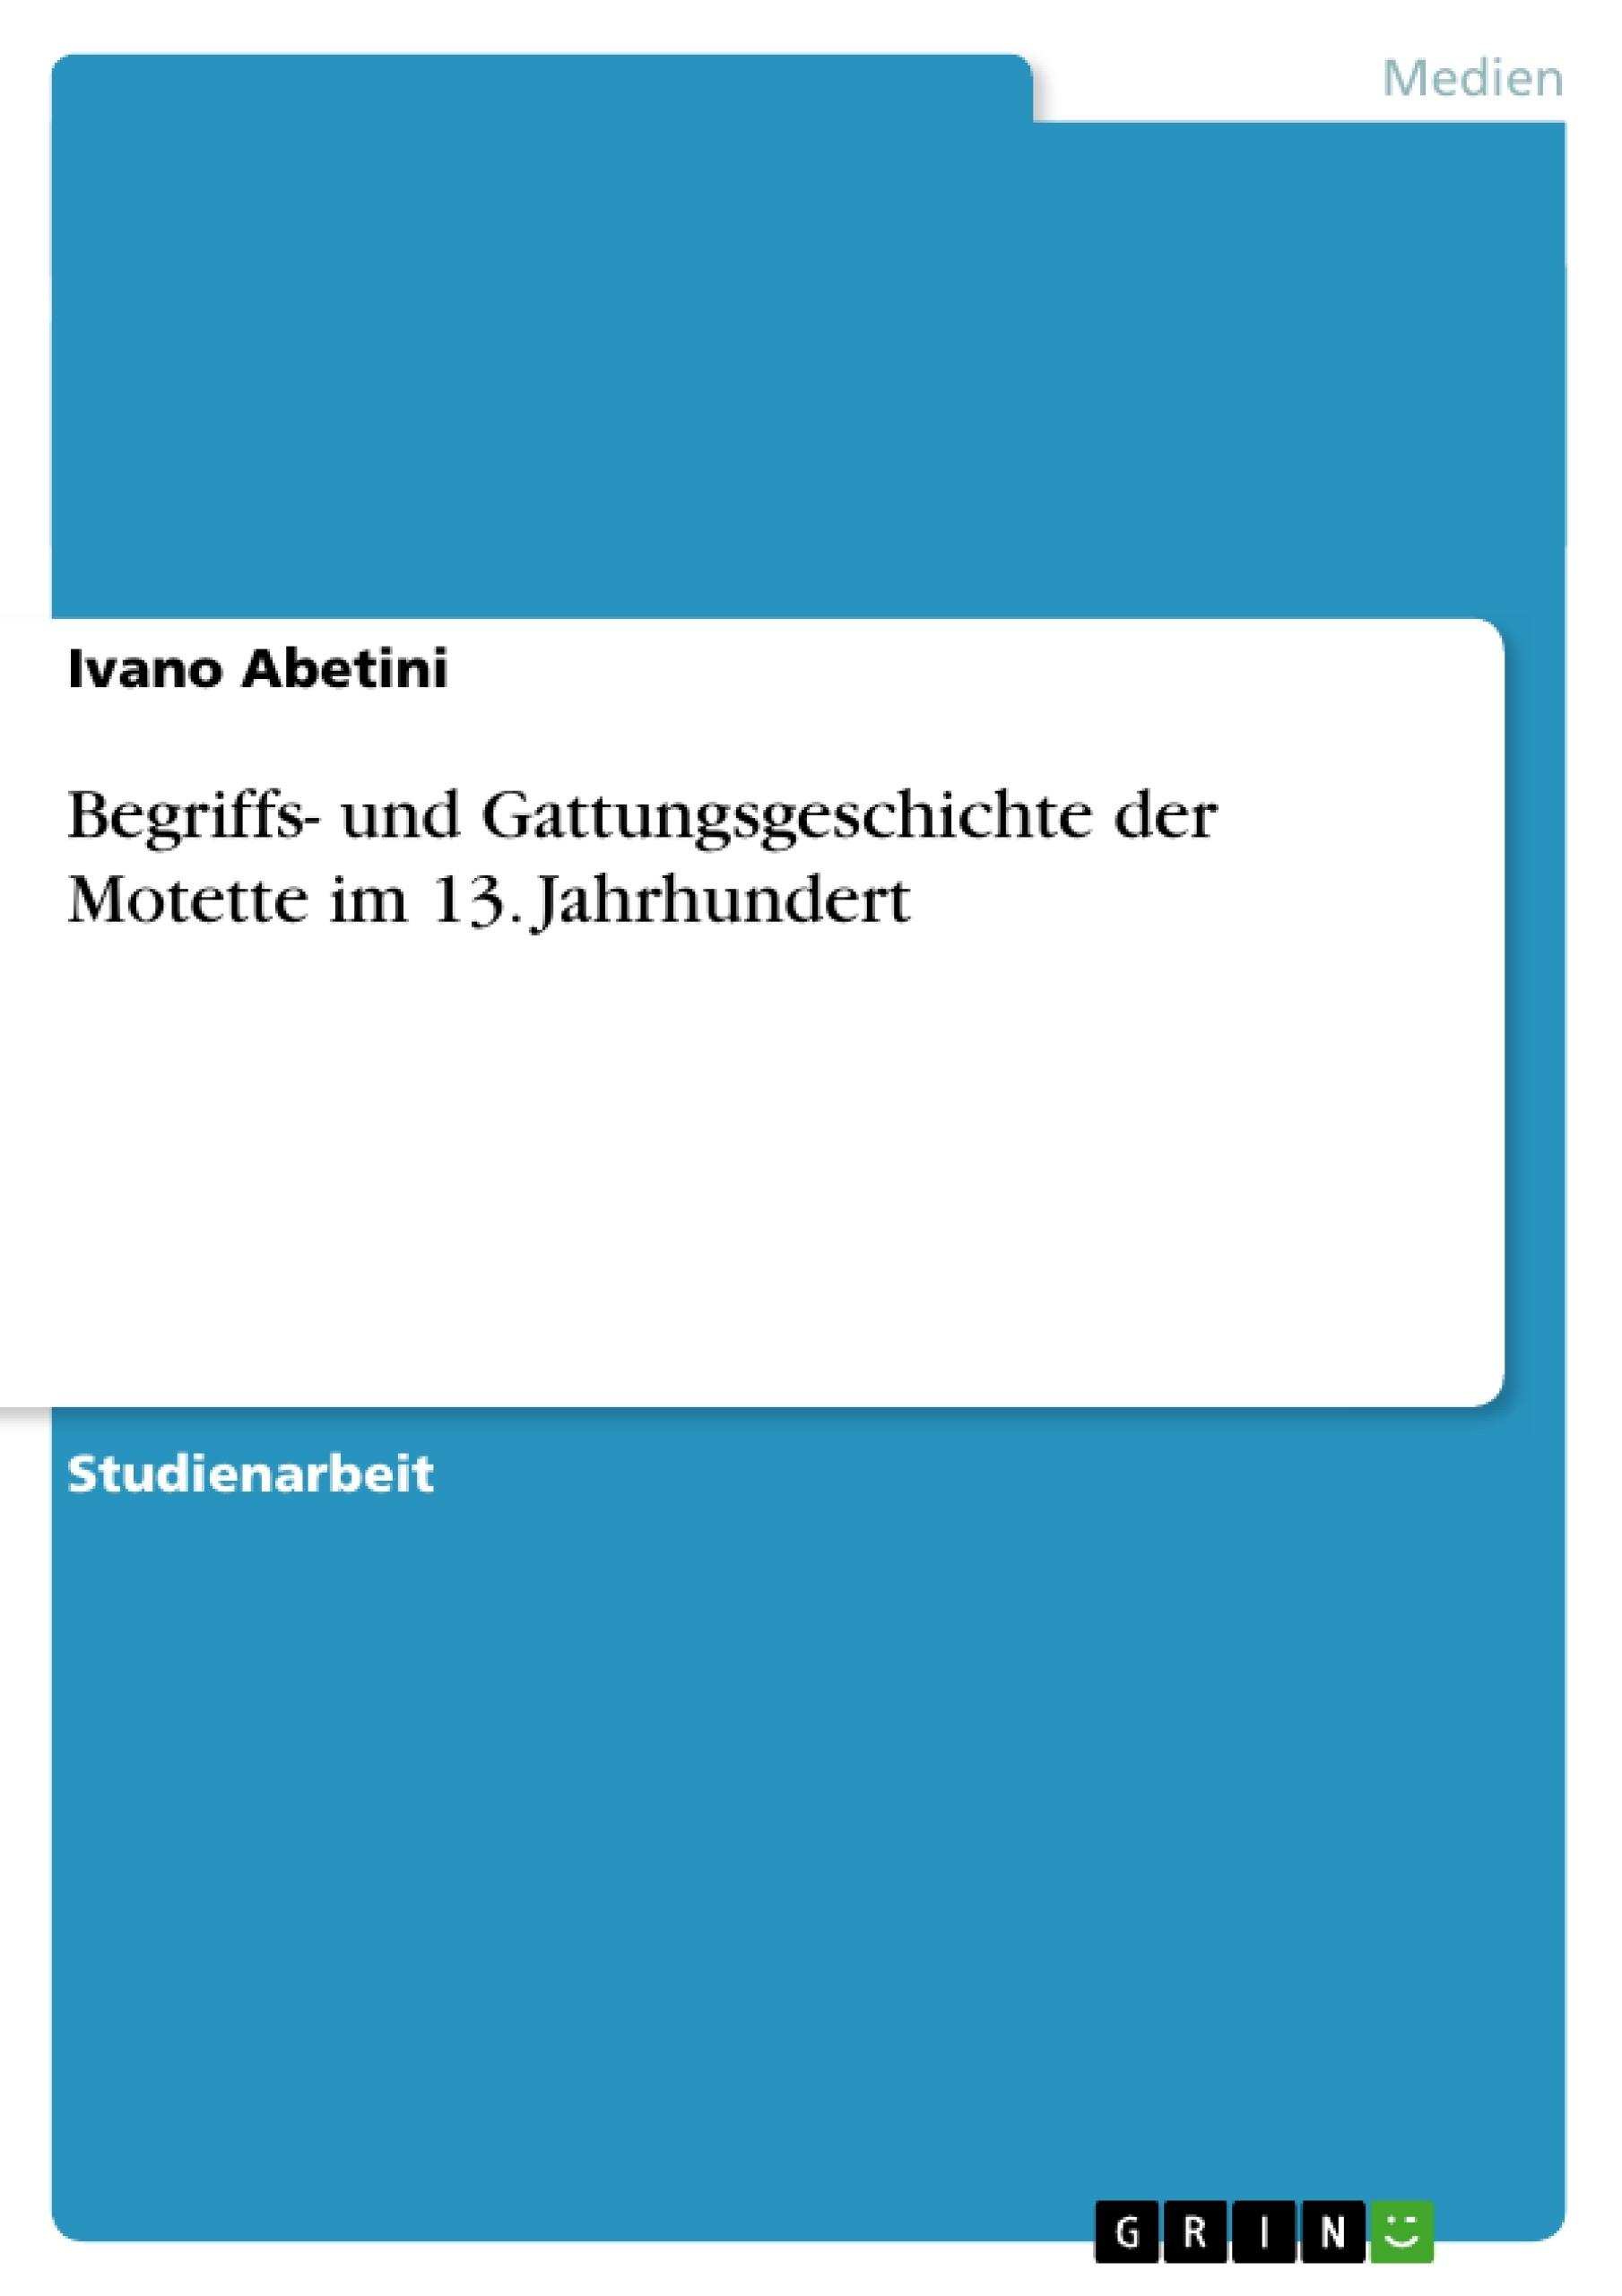 Titel: Begriffs- und Gattungsgeschichte der Motette im 13. Jahrhundert